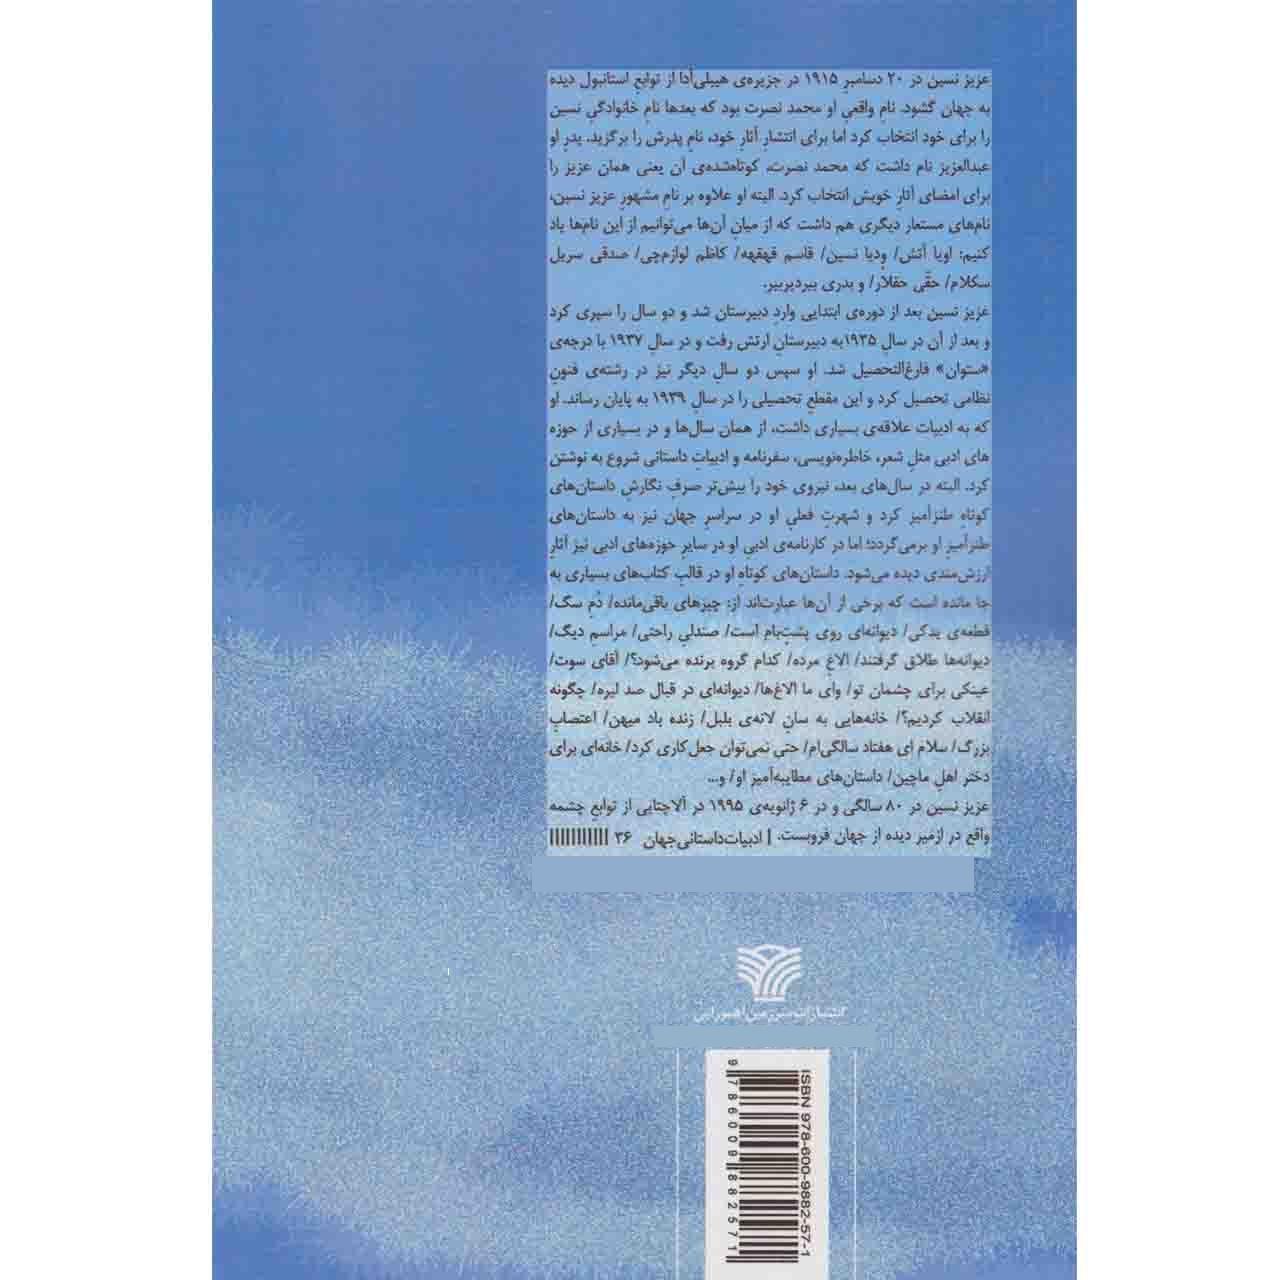 کتاب ما آدم نمی شویم اثر عزیز نسین نشر سرزمین اهورایی